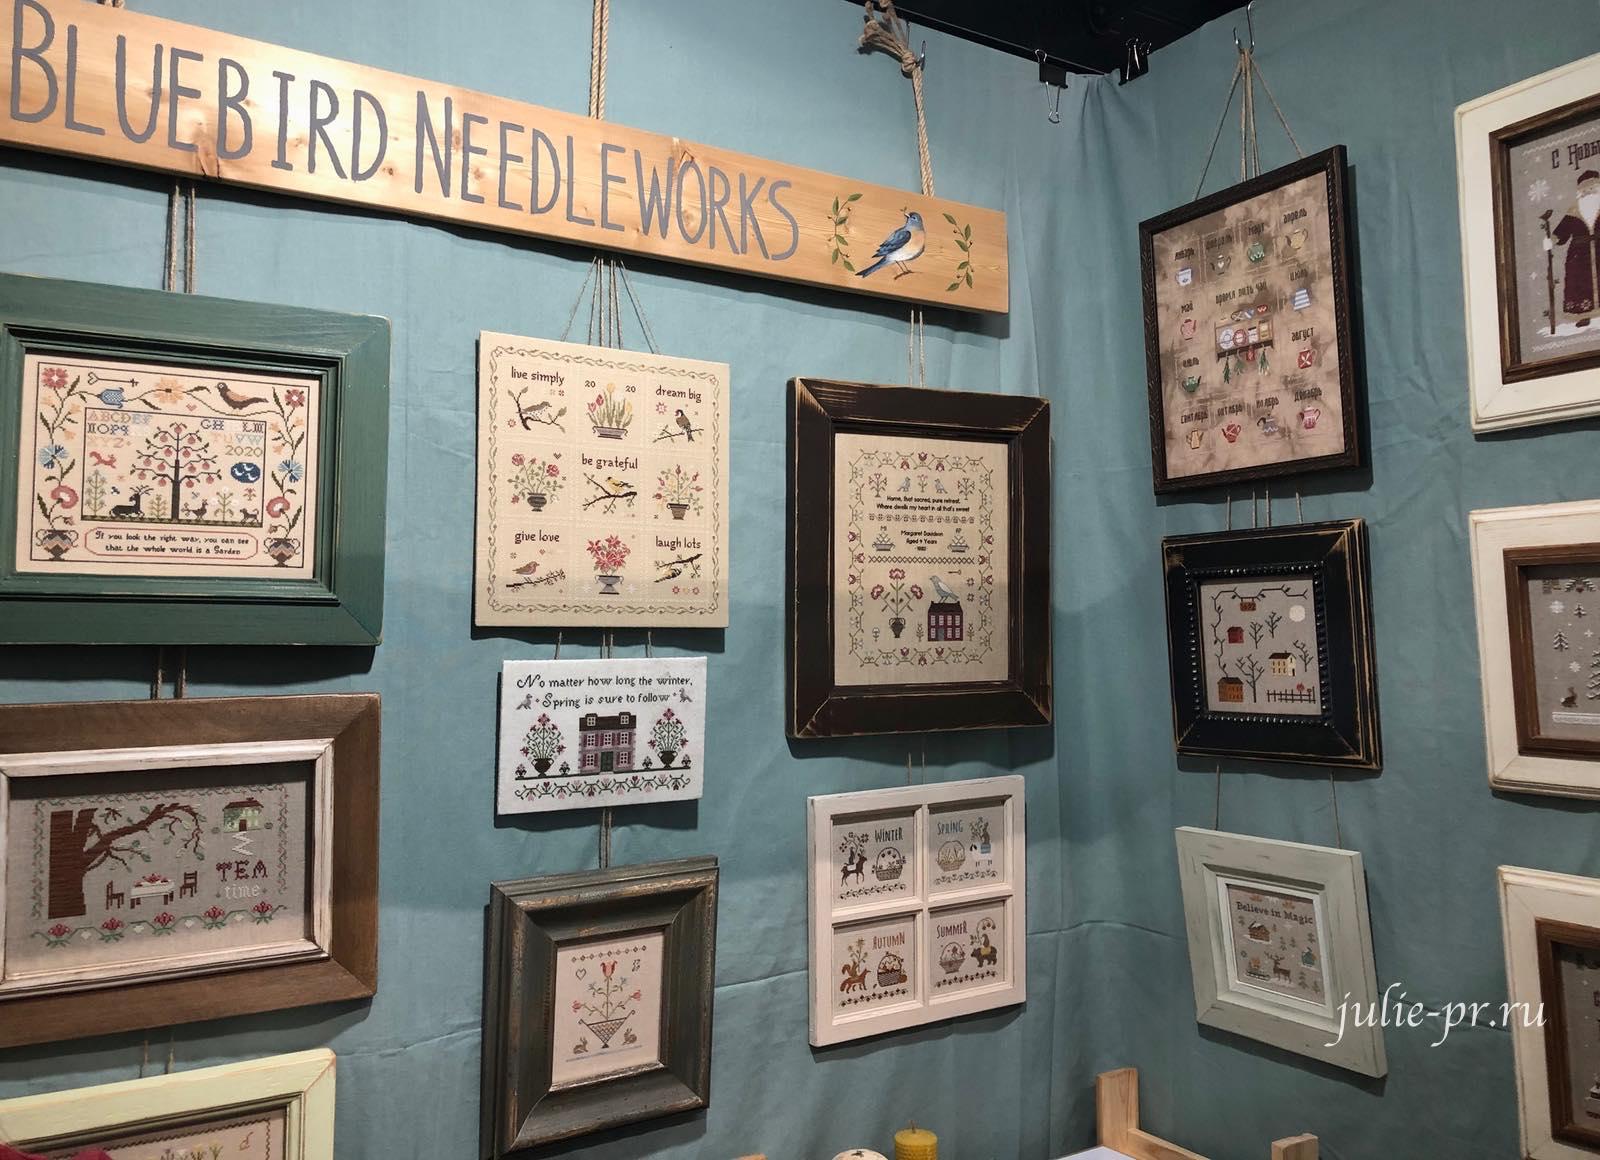 Bluebird Needleworks, примитивы, вышивка крестом, выставка вышивки, Формула рукоделия весна 2021